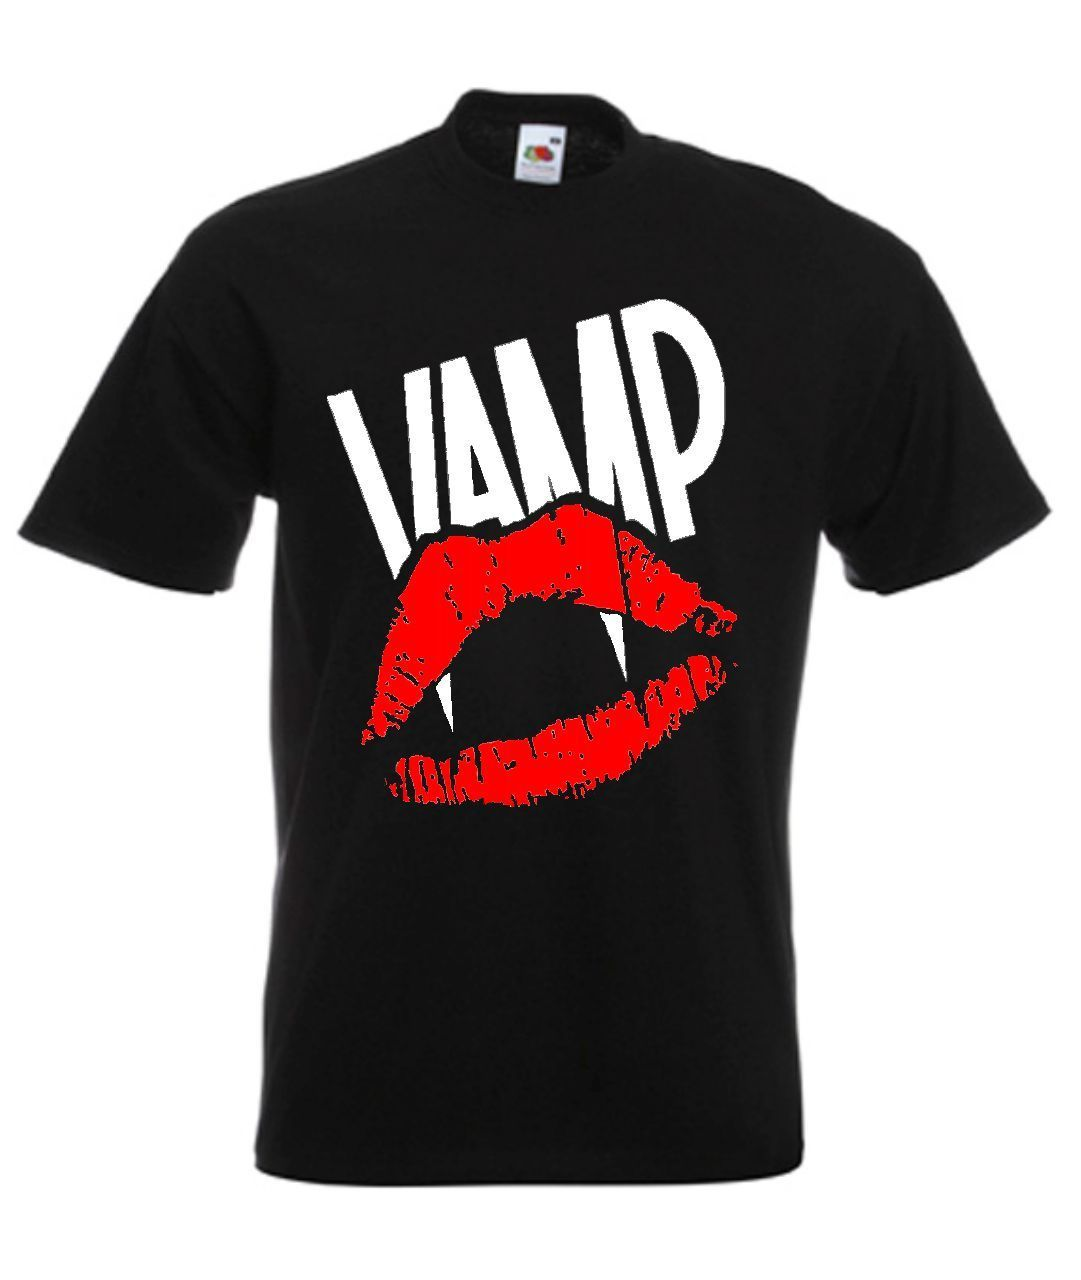 Vamp Retro 80s Vampire Horror Movie T Shirt  Cool Casual pride t shirt men Unisex New Fashion tshirt free shipping tops ajax